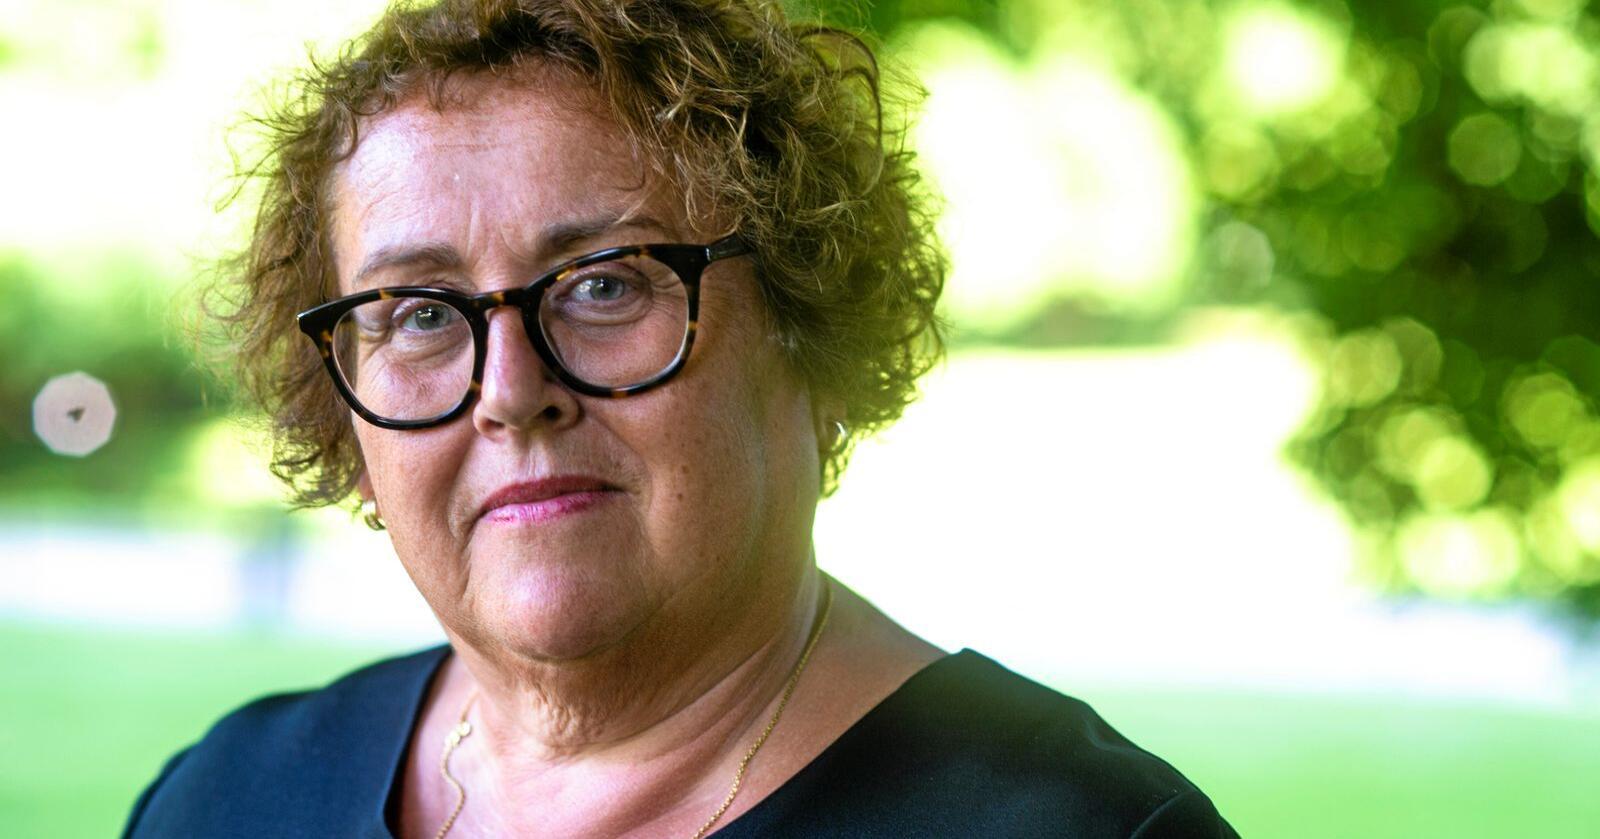 Får kritikk: Landbruksminister Olaug Bollestad. Foto: Annika Byrde / NTB scanpix